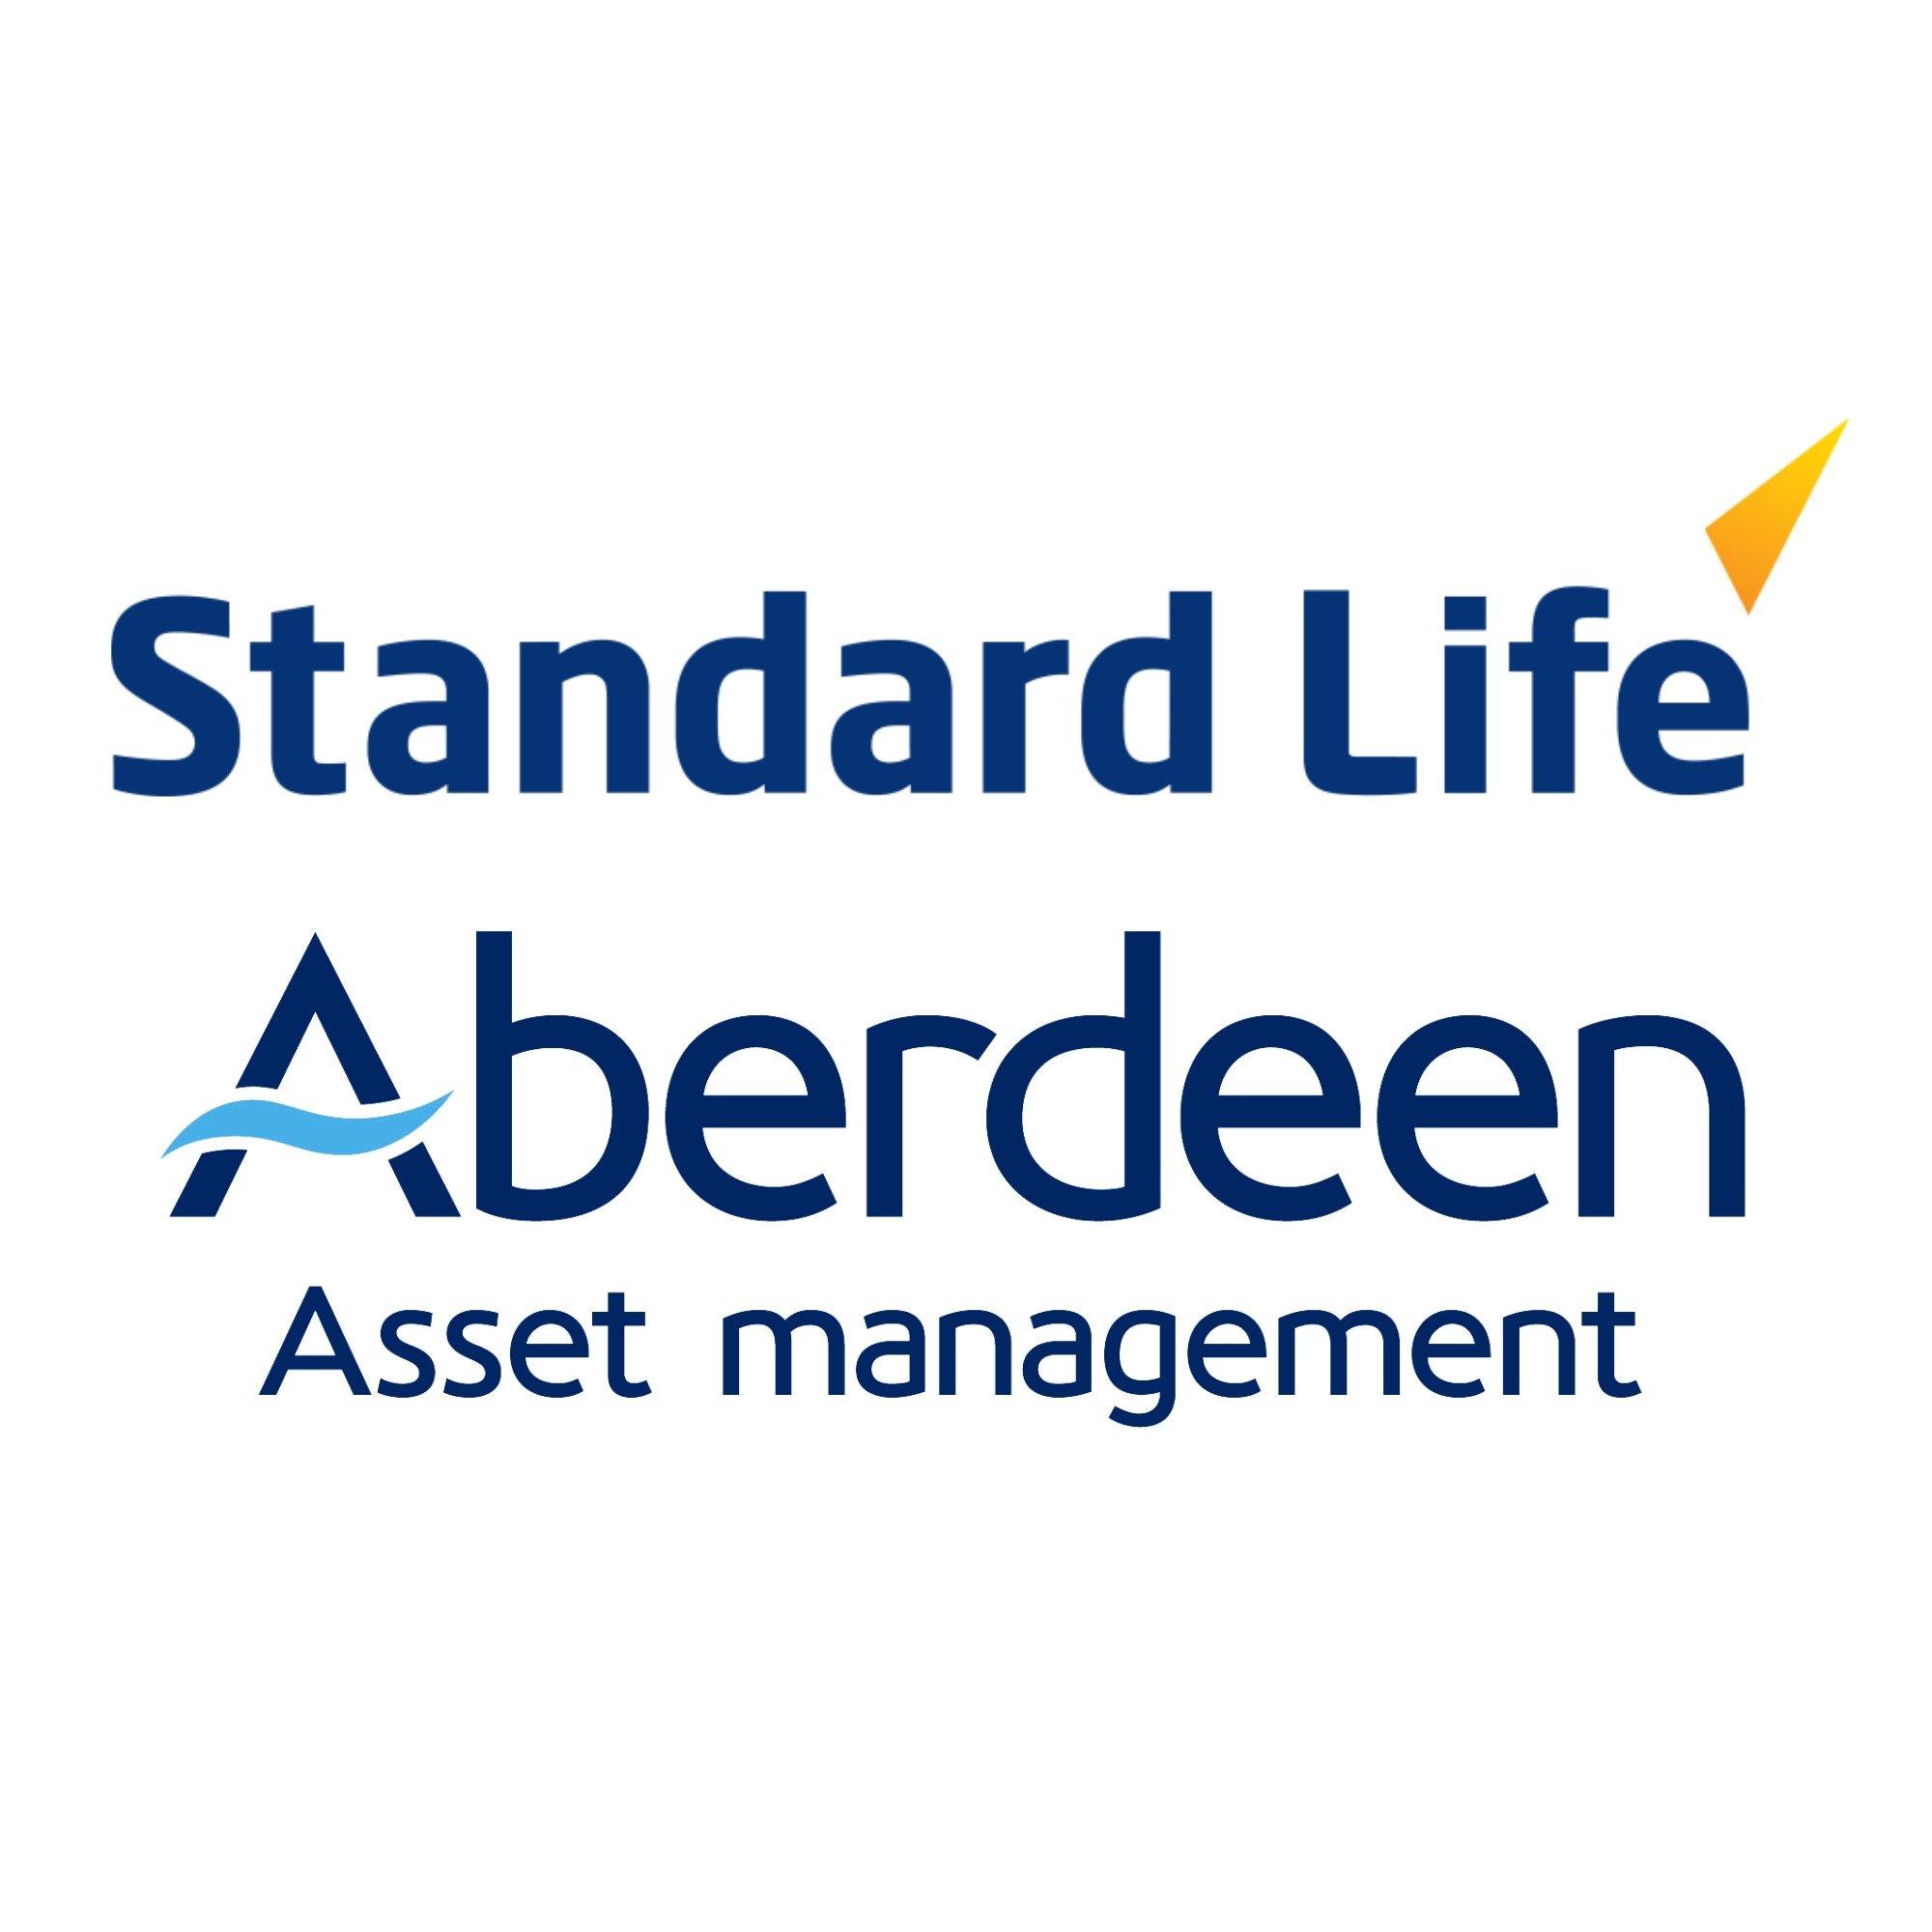 Std Life Aberdeen logo